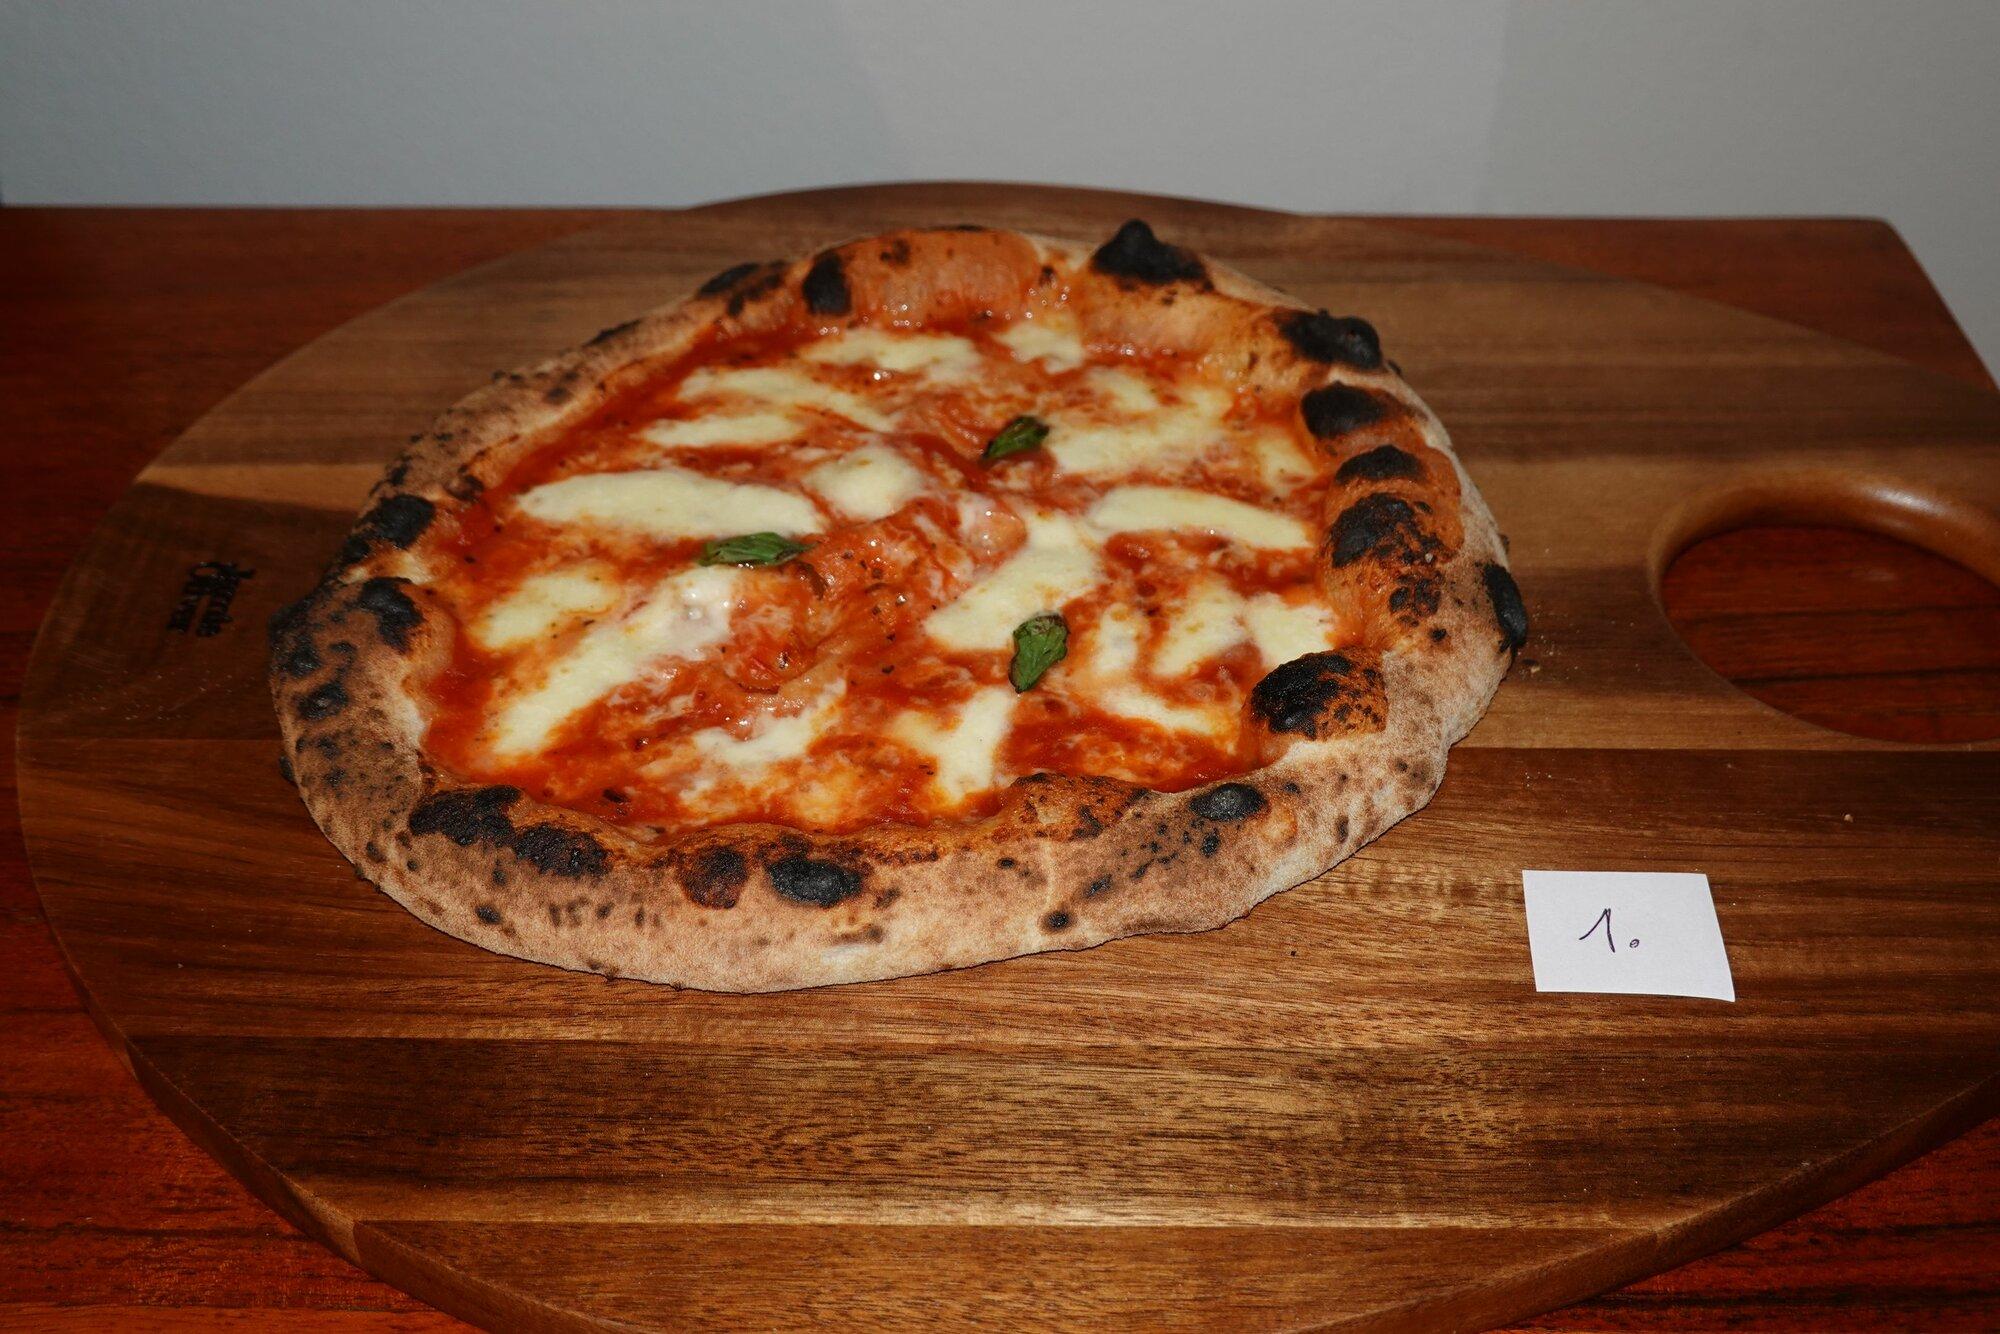 2020-08-30 Pizzateigtest Frischhefe & Trockenhefe_025.jpg